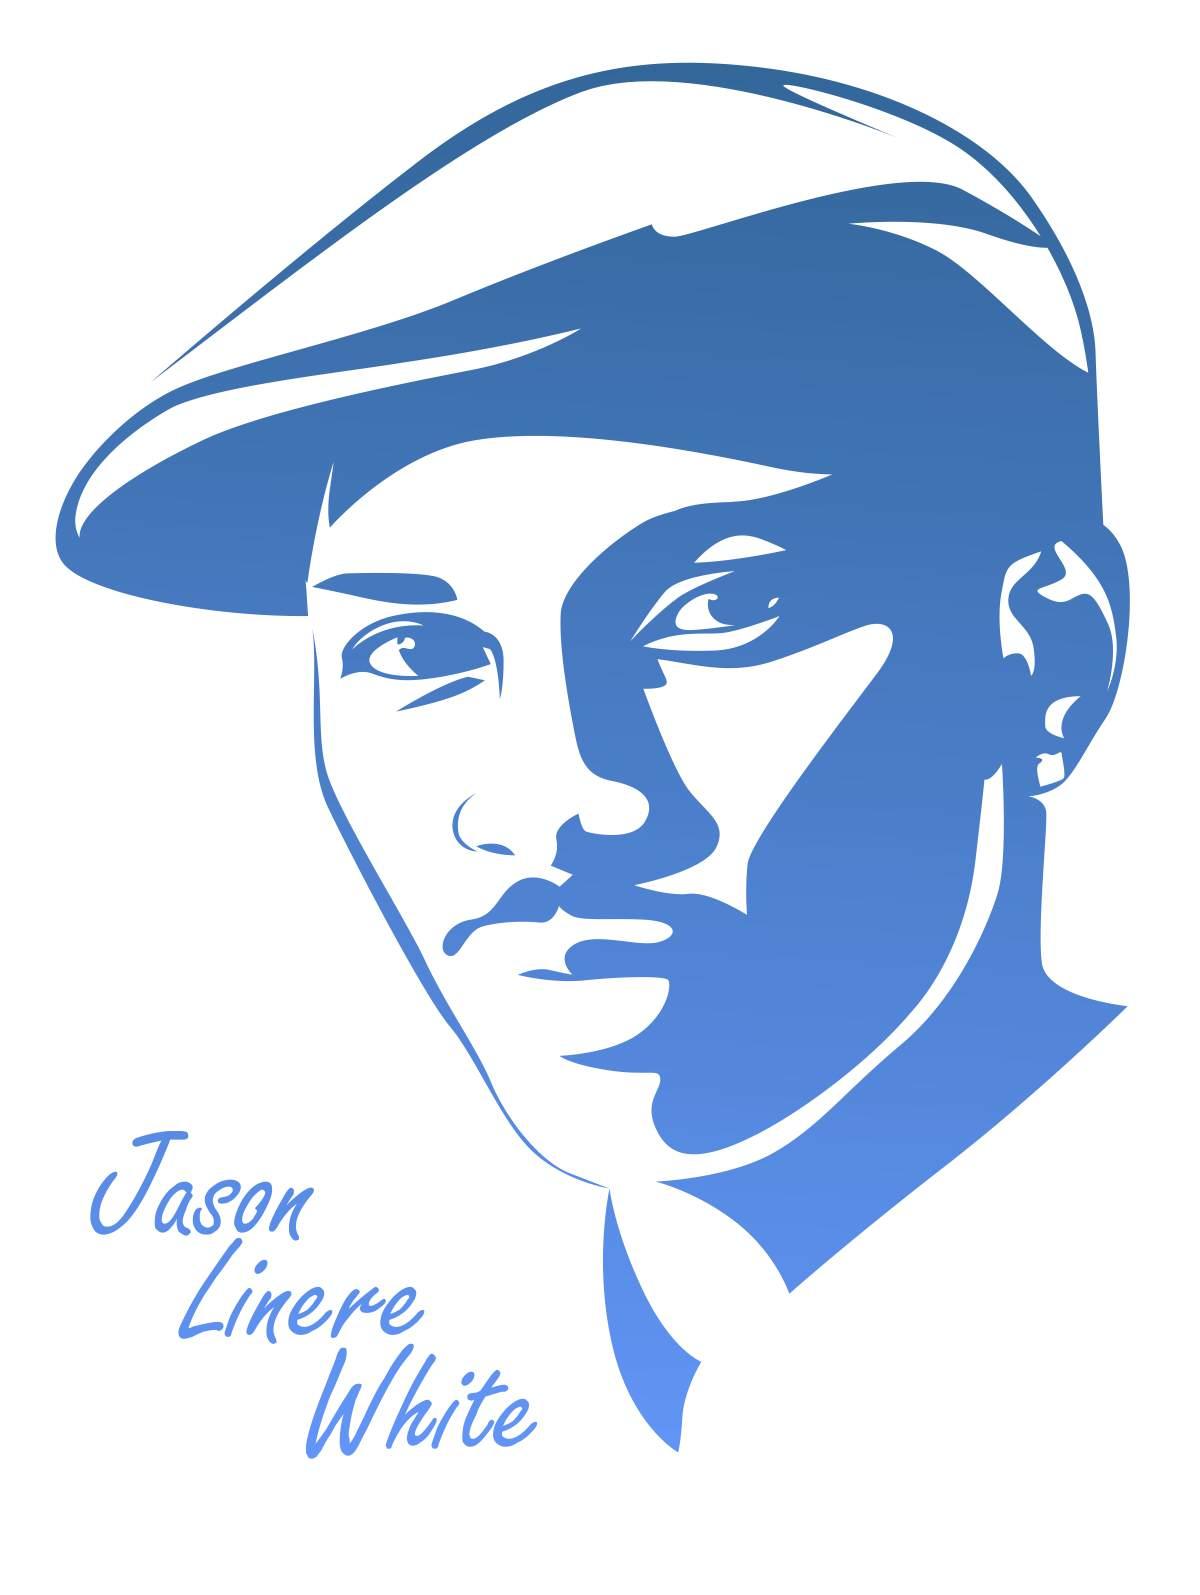 Jason Linere White